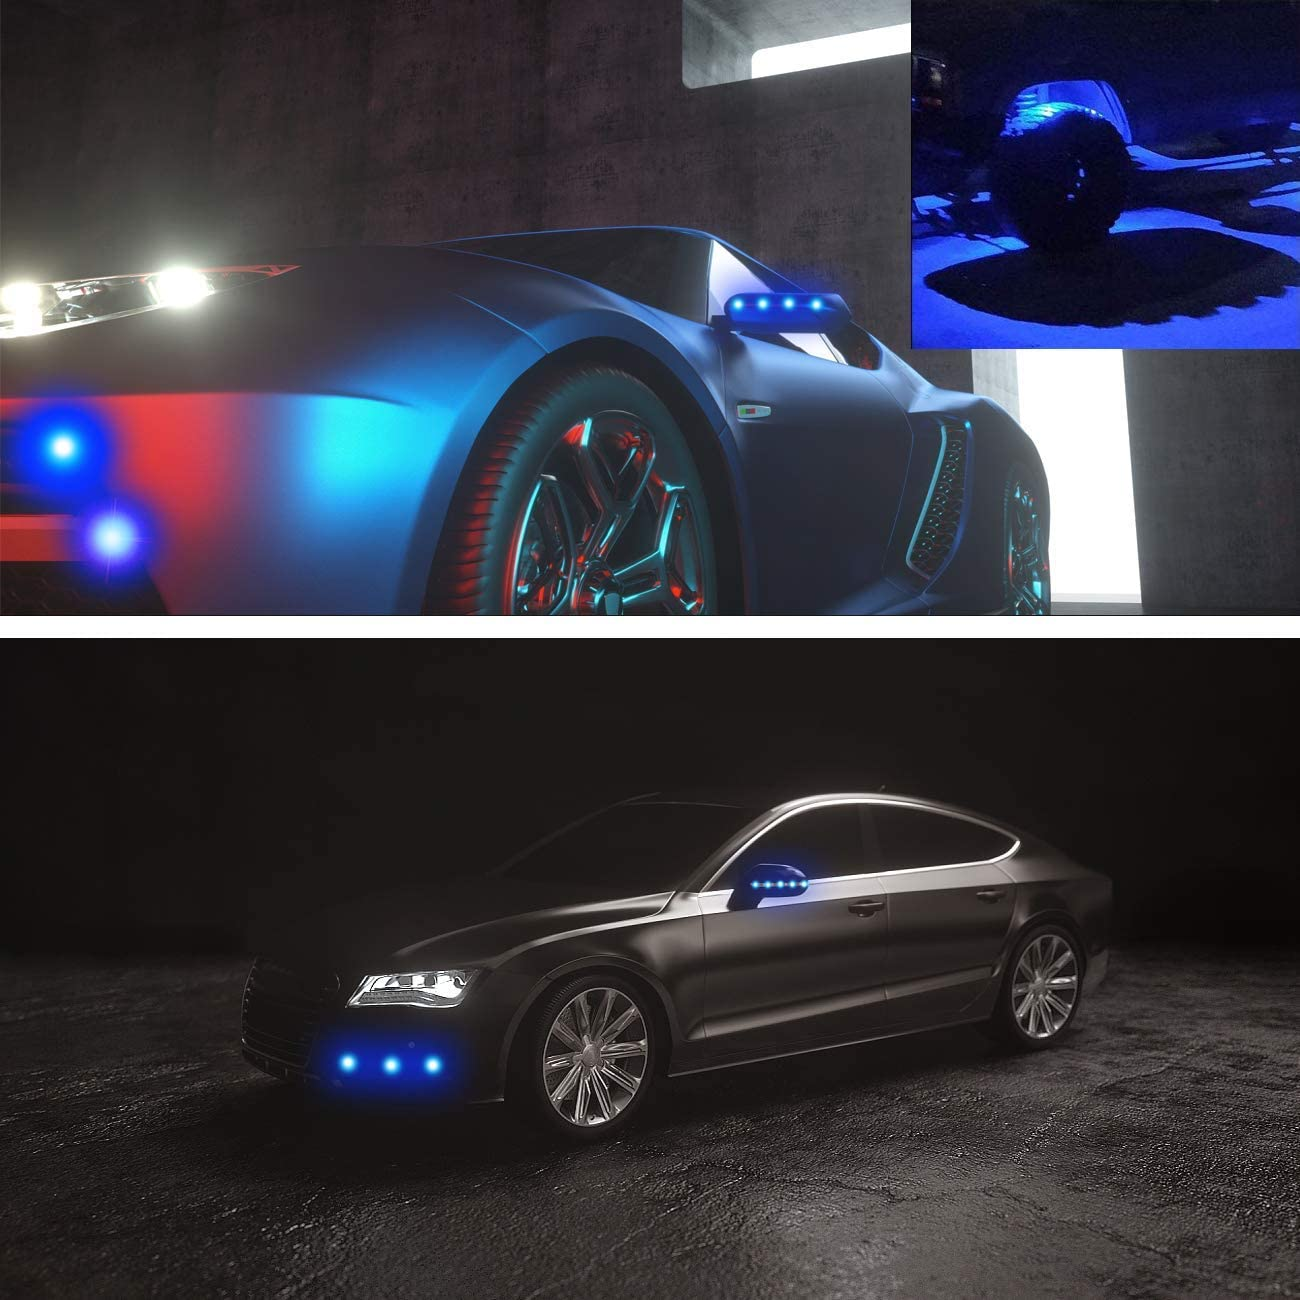 10pcs 9W 23mm DRL Nebelscheinwerfer Motorradlicht Tagfahrlicht 12V wasserdicht mit Schraube f/ür Motorradautos Rot Eagle Eye LED Light